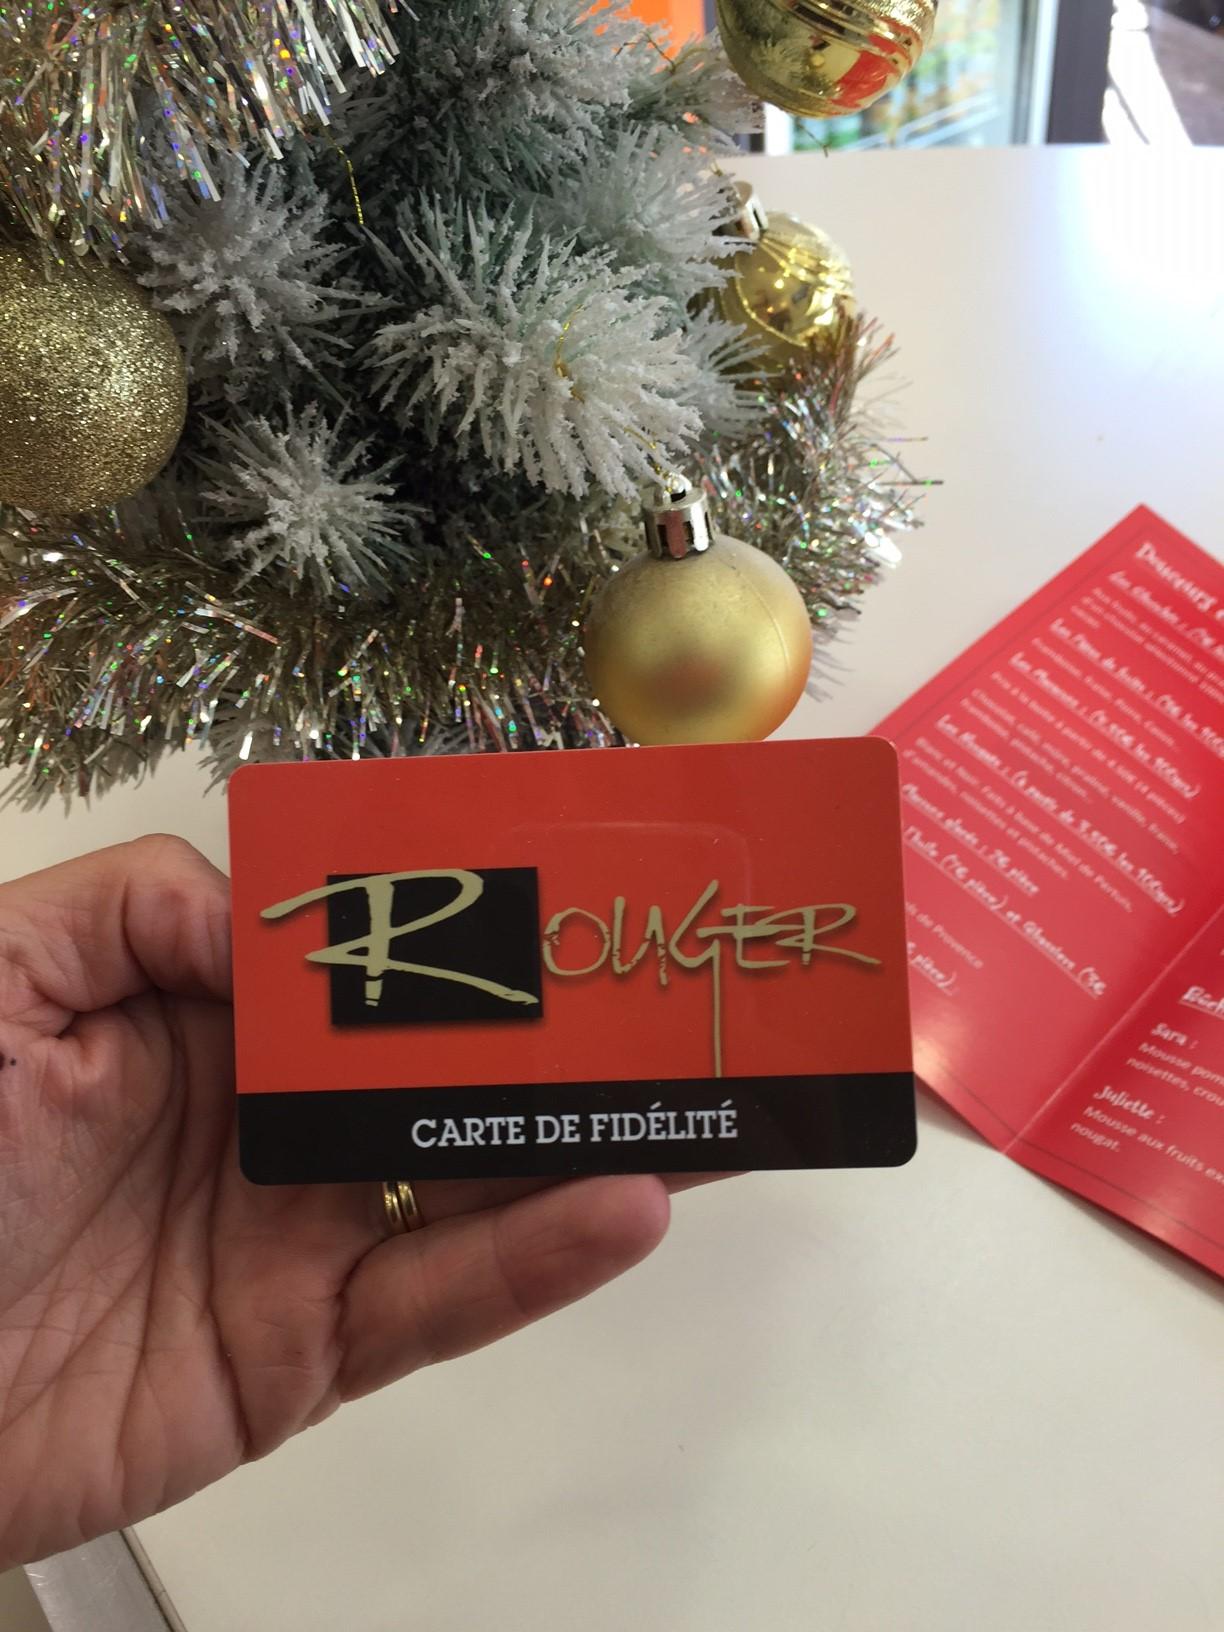 Pour Noël, choisissez la qualité des boulangeries Rouger